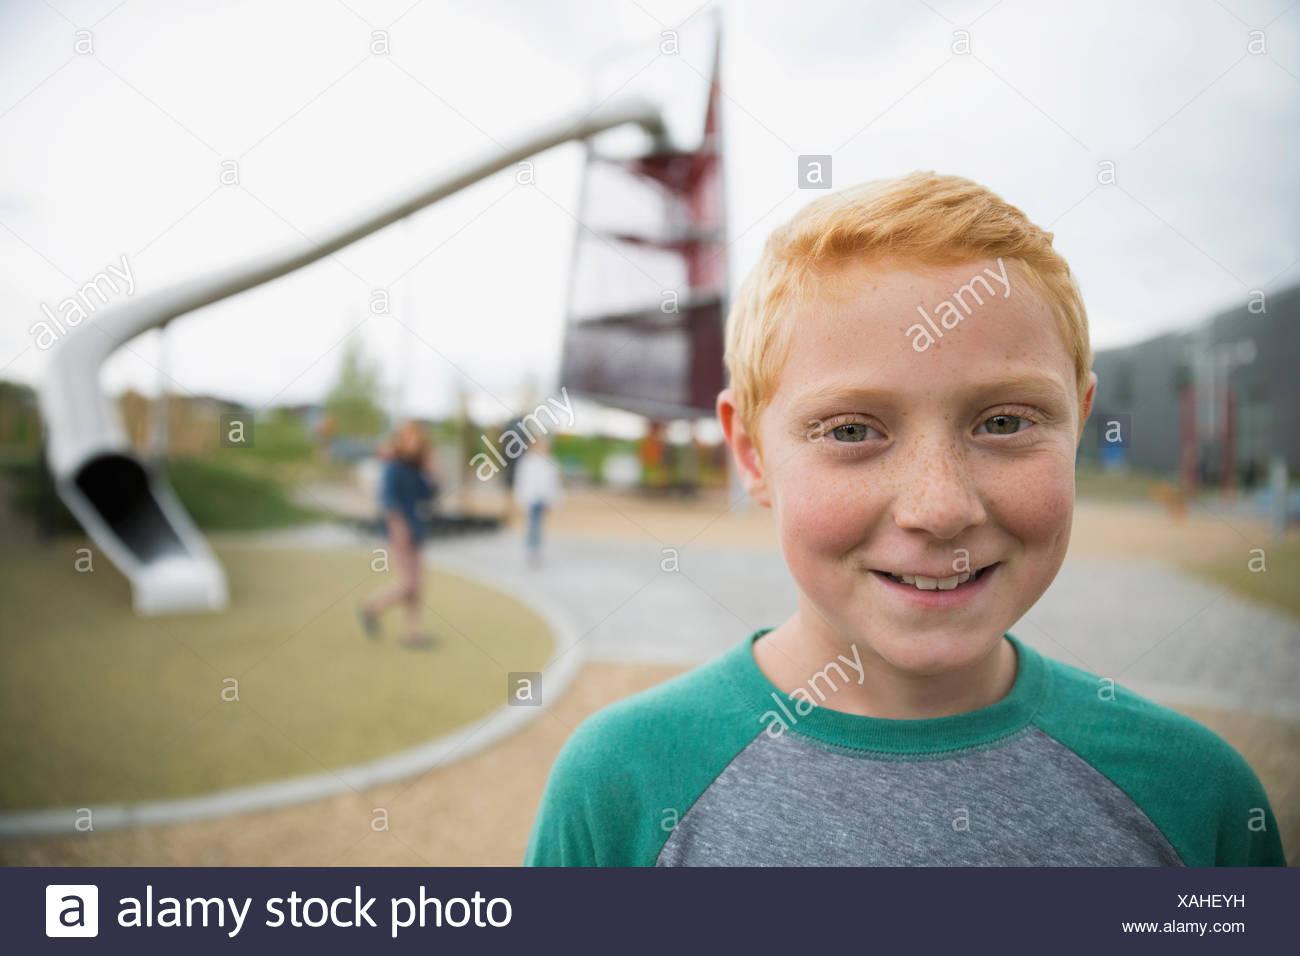 Close up ritratto sorridente ragazzo capelli rossi parco giochi Immagini Stock